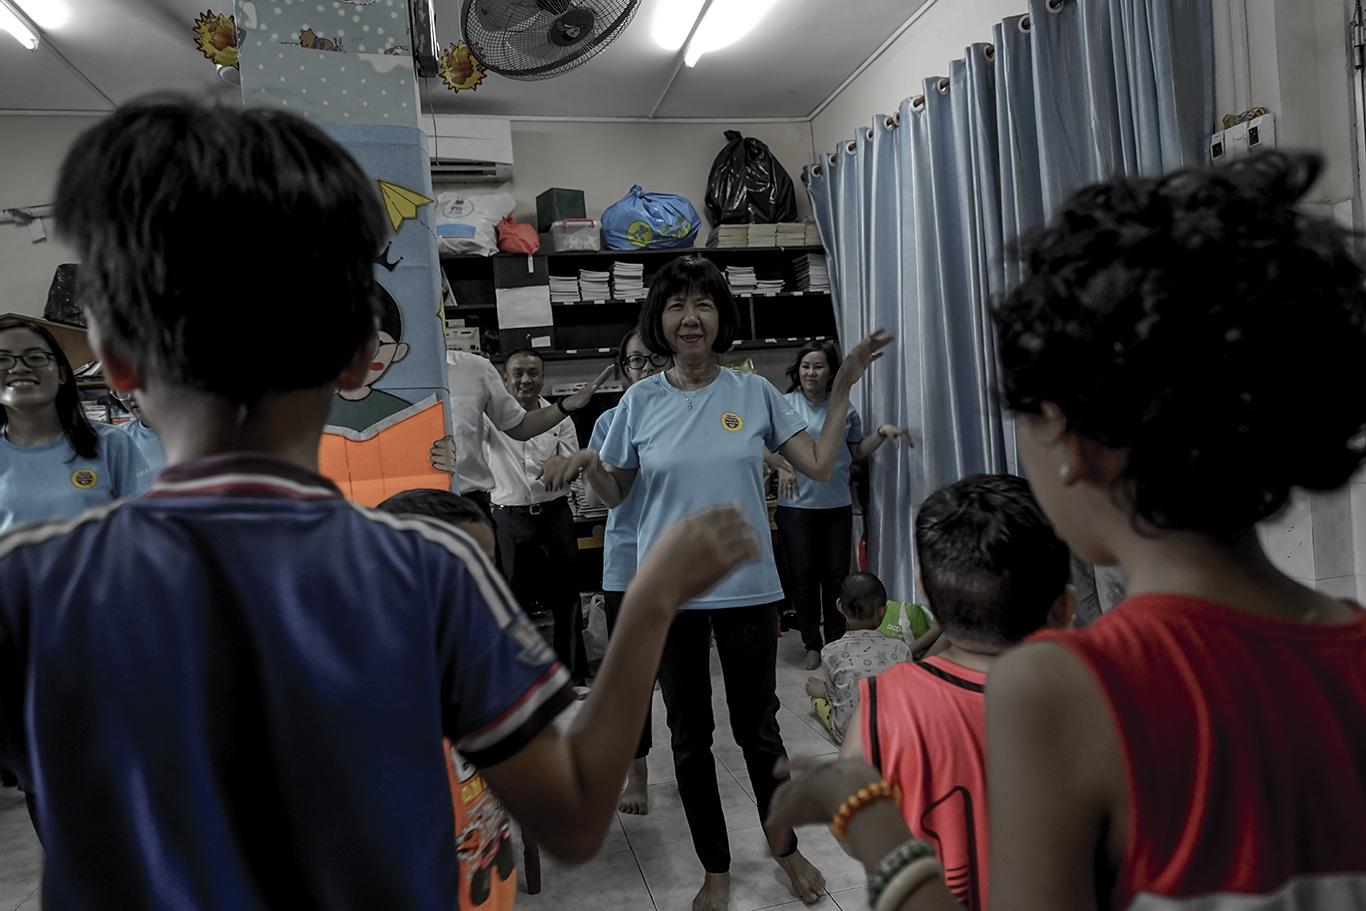 Cô giáo một thập kỷ ở lớp học trò qua đời, cô vẫn phải mỉm cười - 12